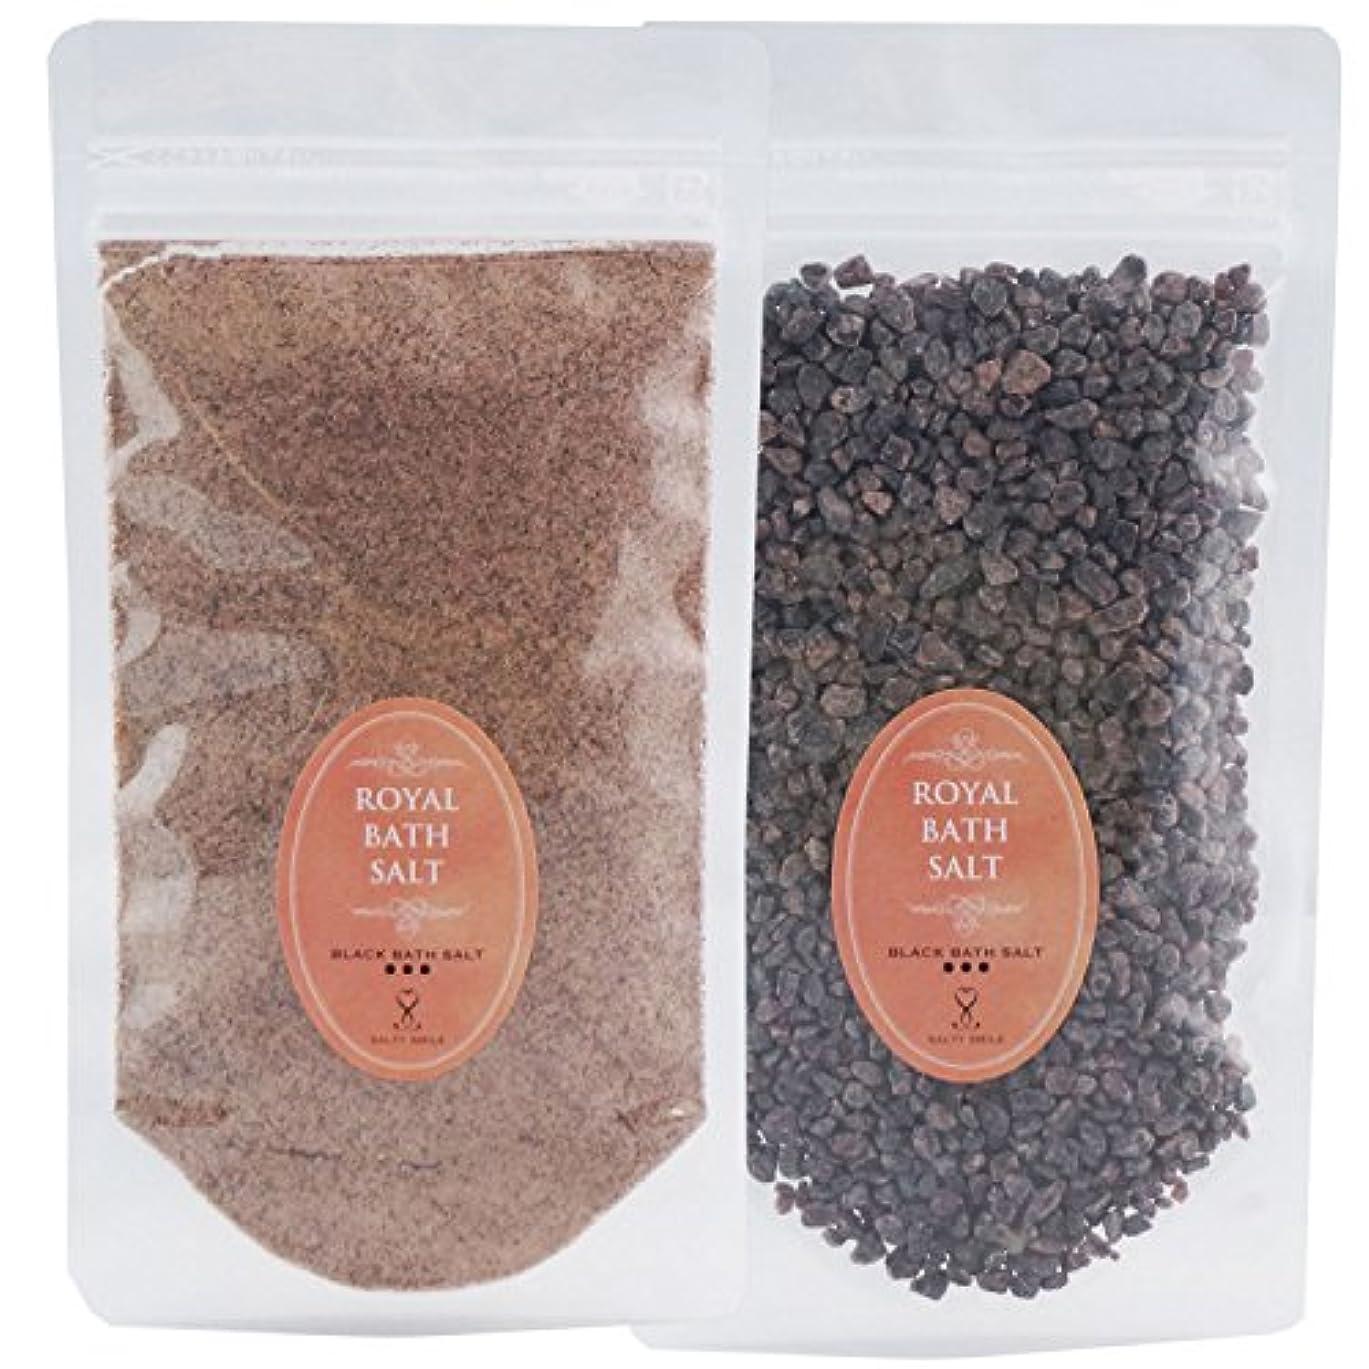 学校補償別にロイヤル バスソルト ヒマラヤ岩塩 ブラック パウダー グレイン 各200g 粗粒 粉 ROYAL BATH SALT